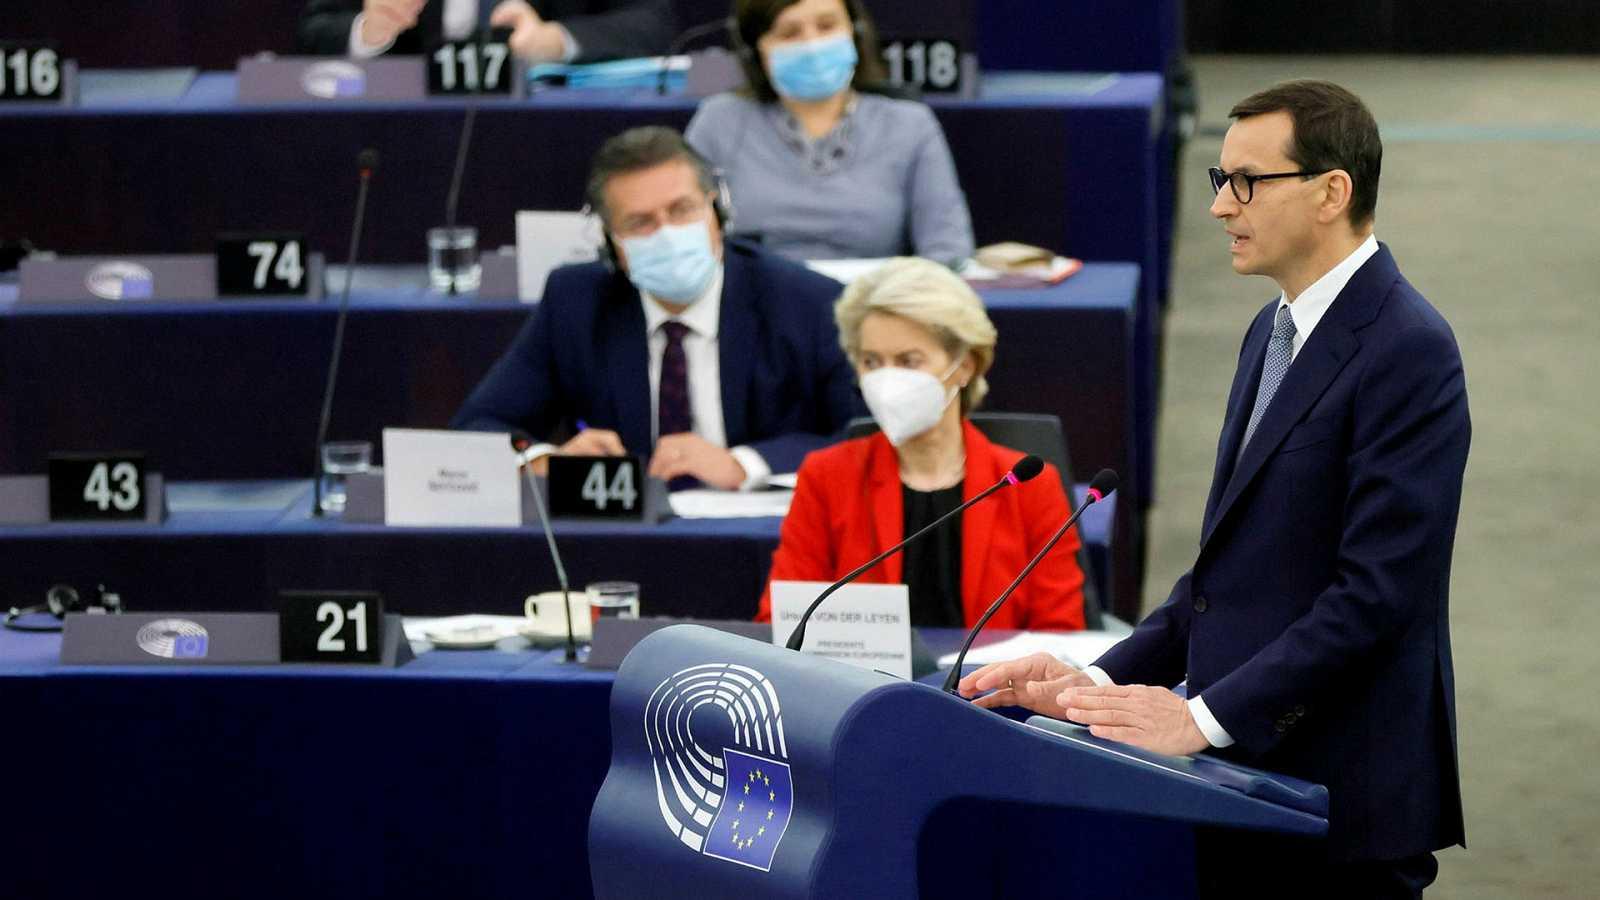 Edició Vespre - Polònia i el preu de l'energia son els dos temes que acaparen la cimera europea dels 27